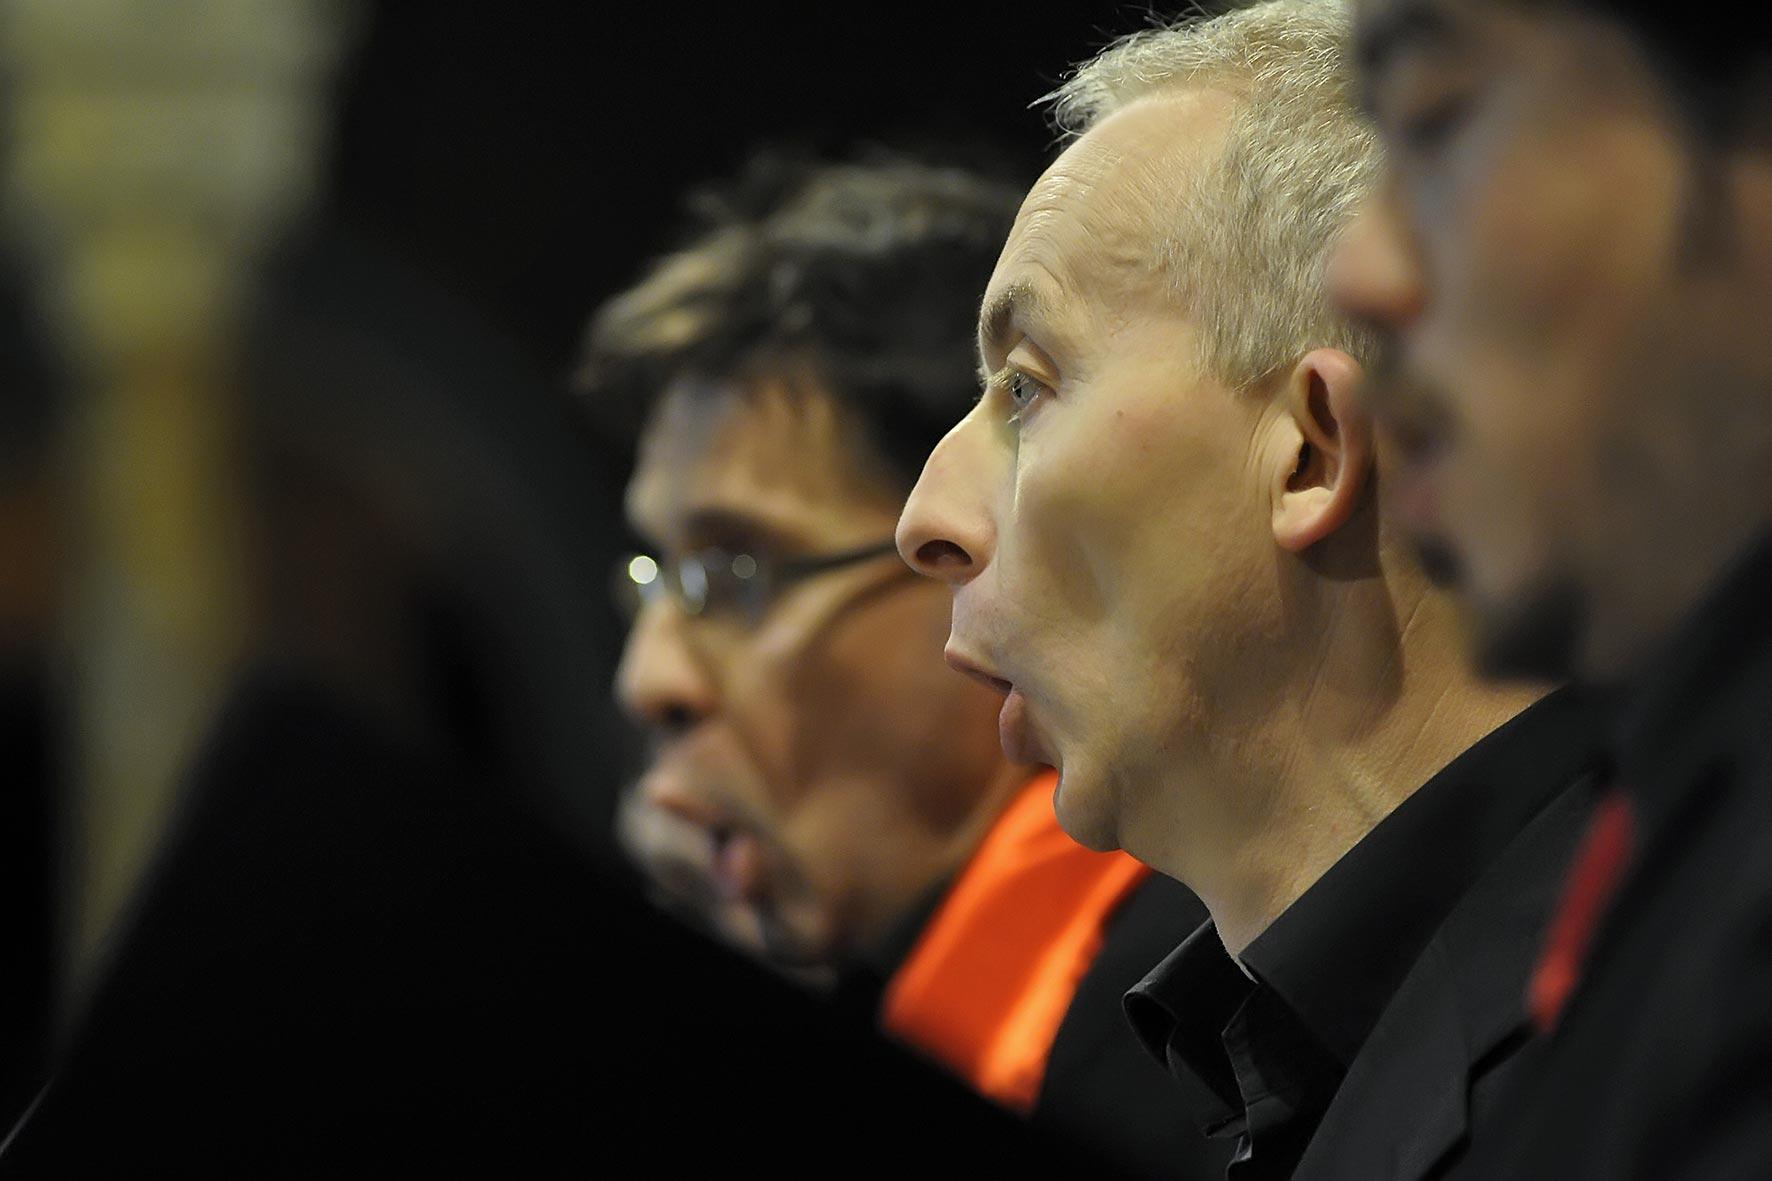 Fabrizio Brignolo ha incontrato monsignor Adriano Paccanelli